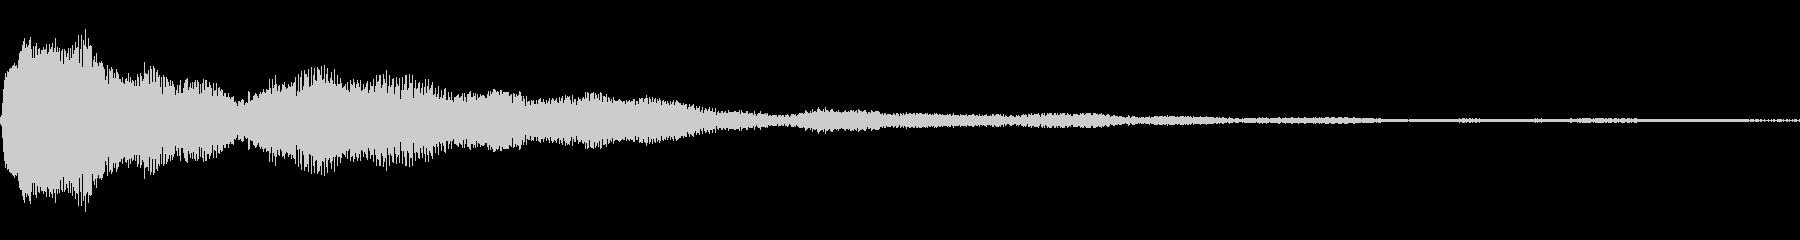 決定音に使えそうな電子音の未再生の波形